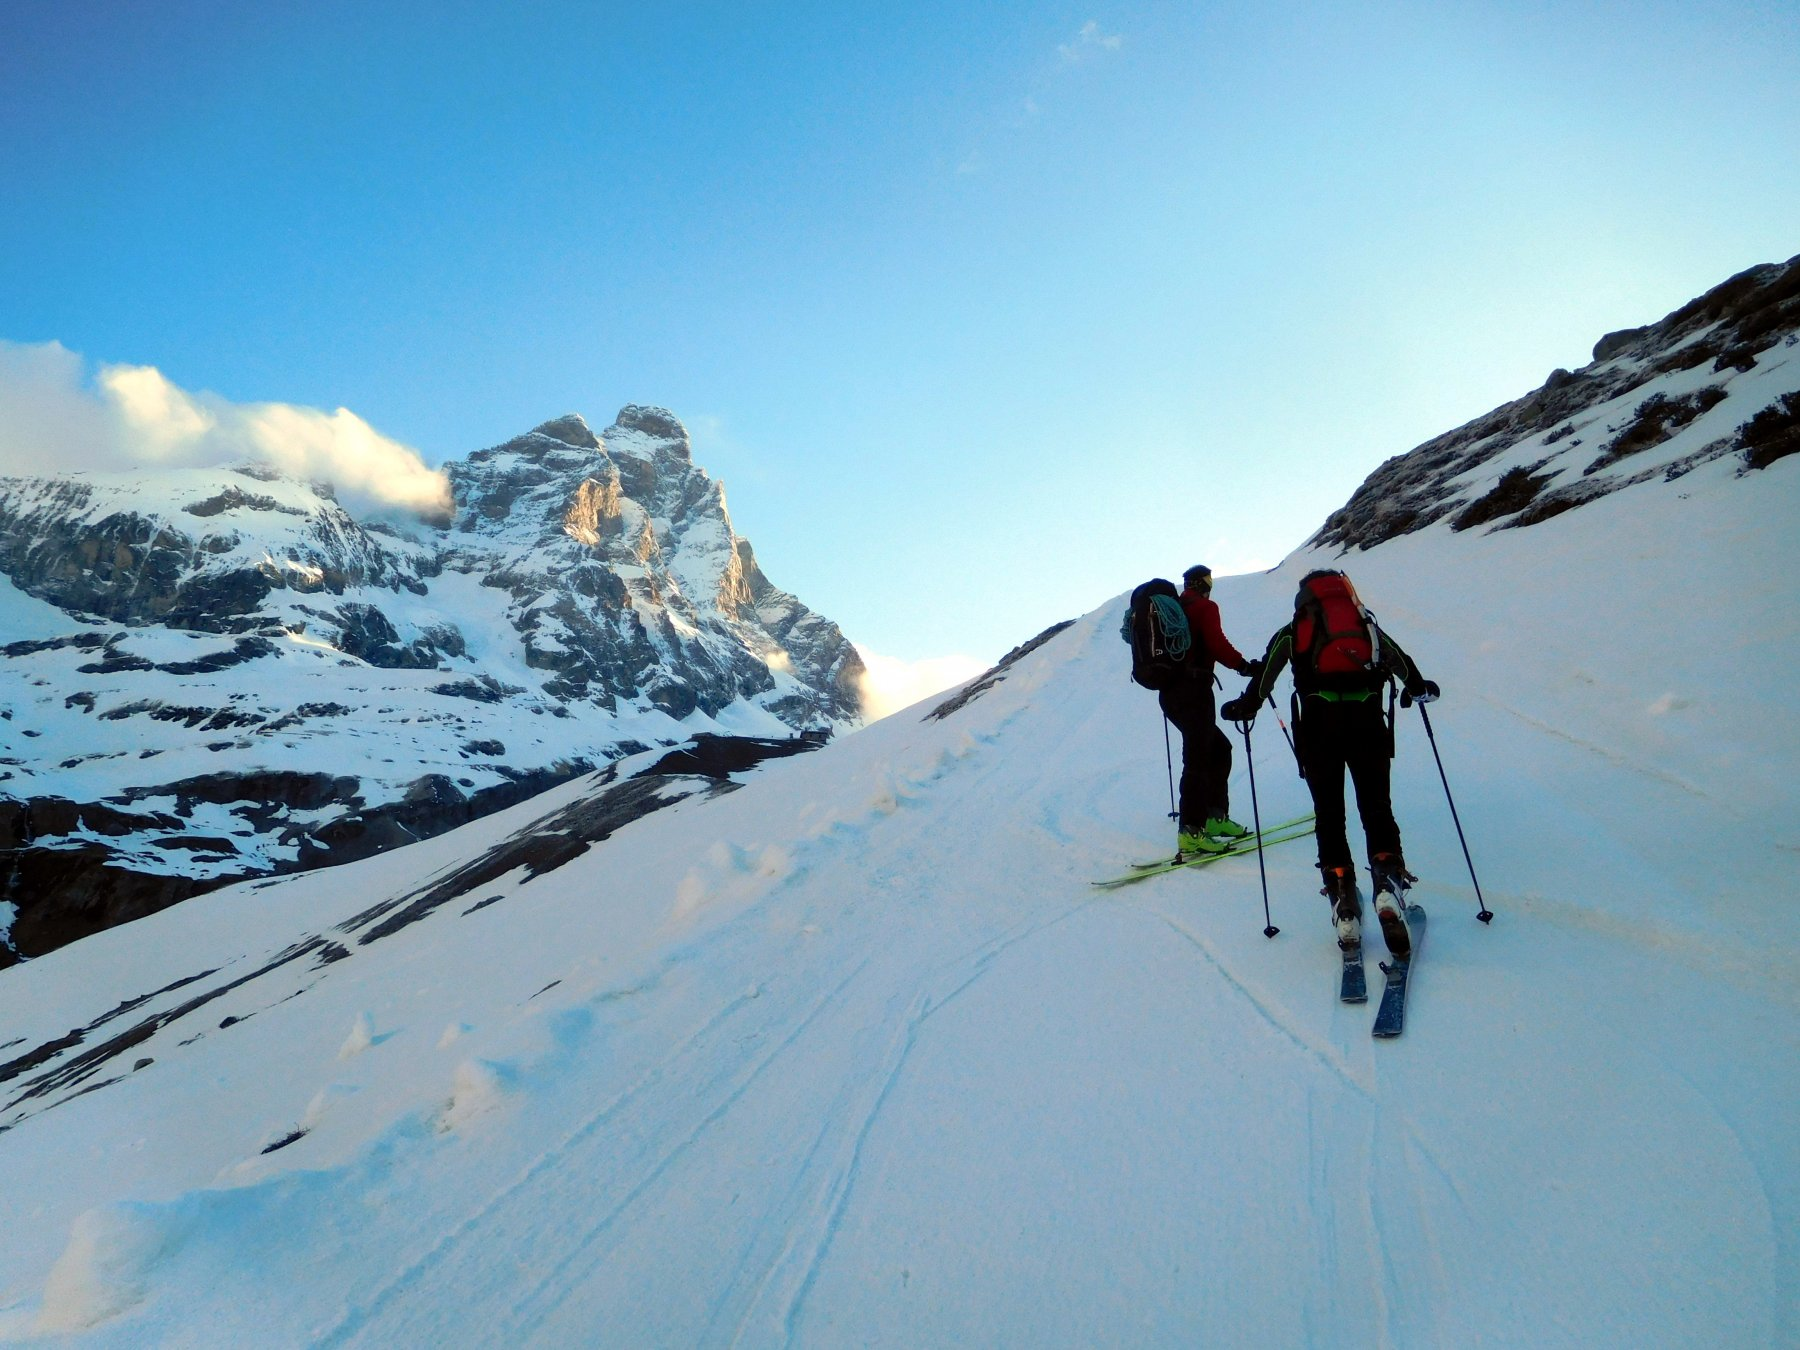 lungo la pista per ski alp